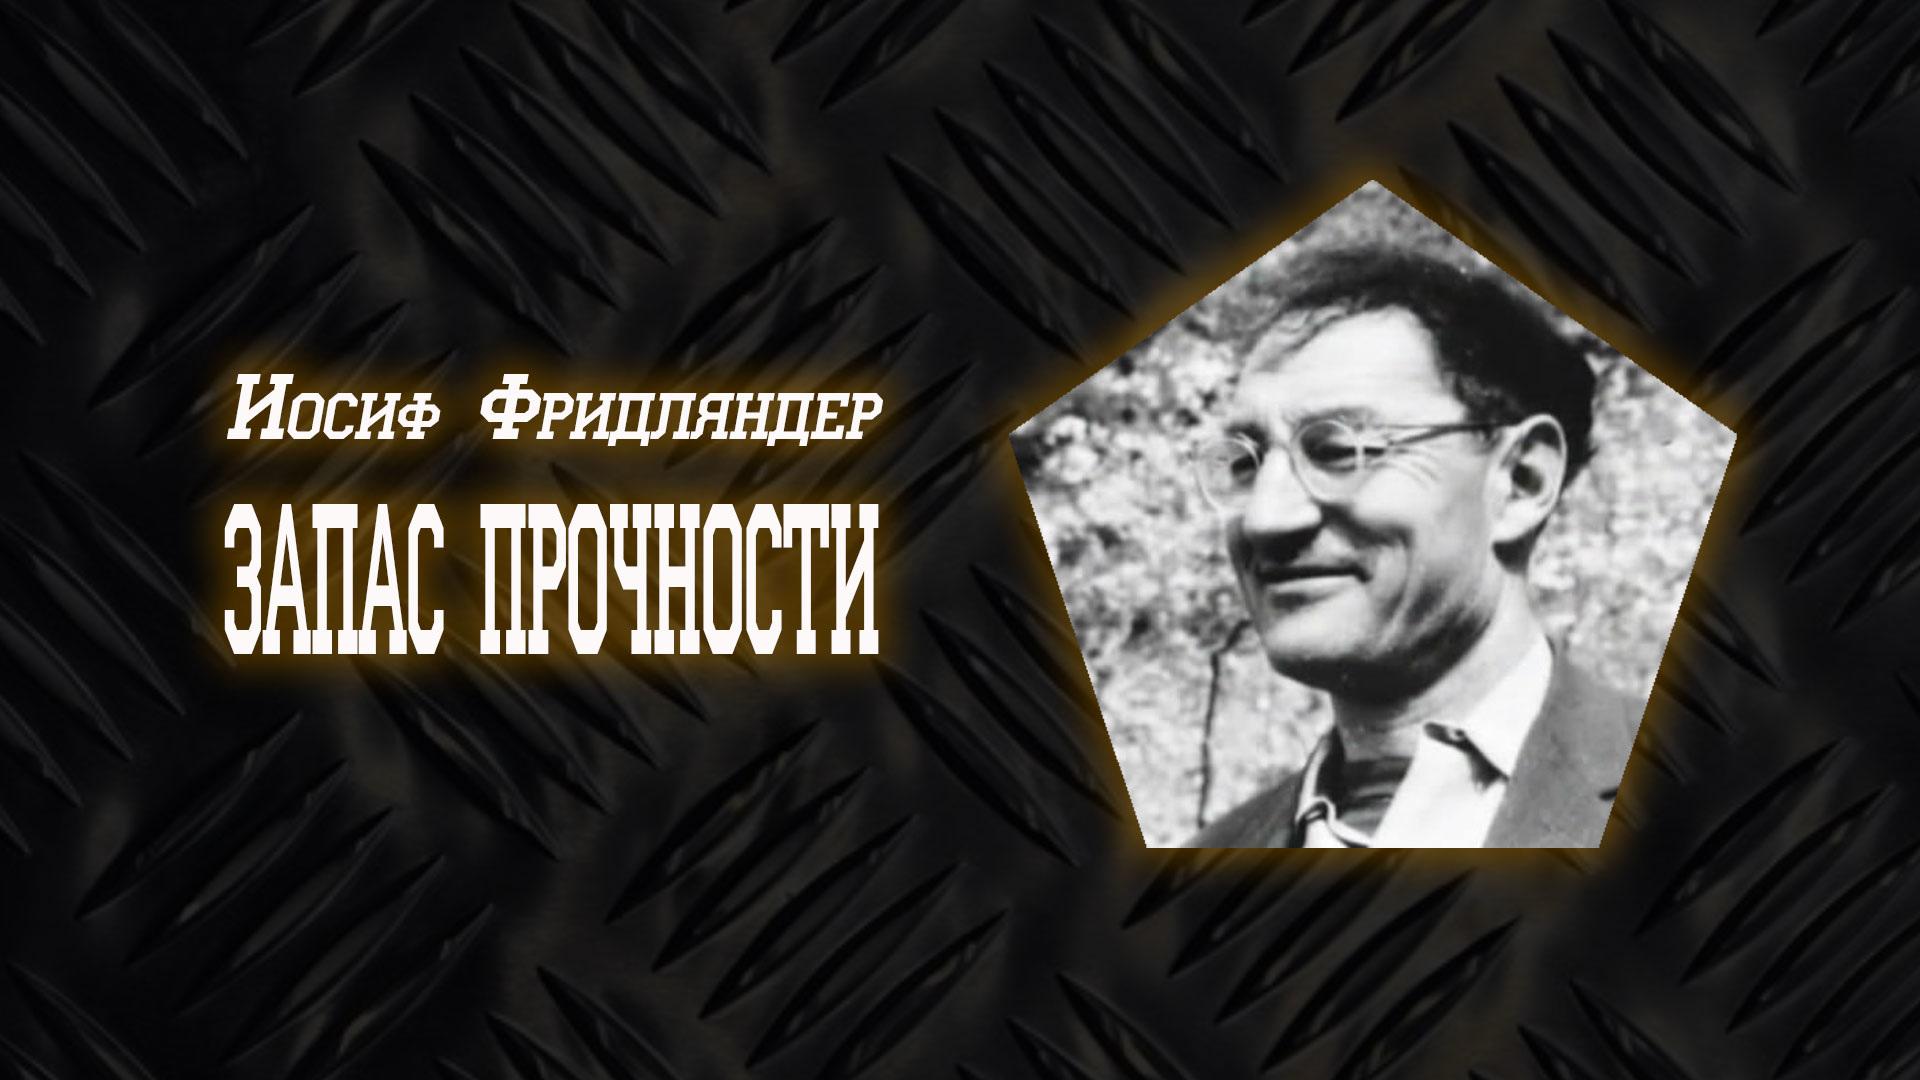 Иосиф Фридляндер. Запас прочности